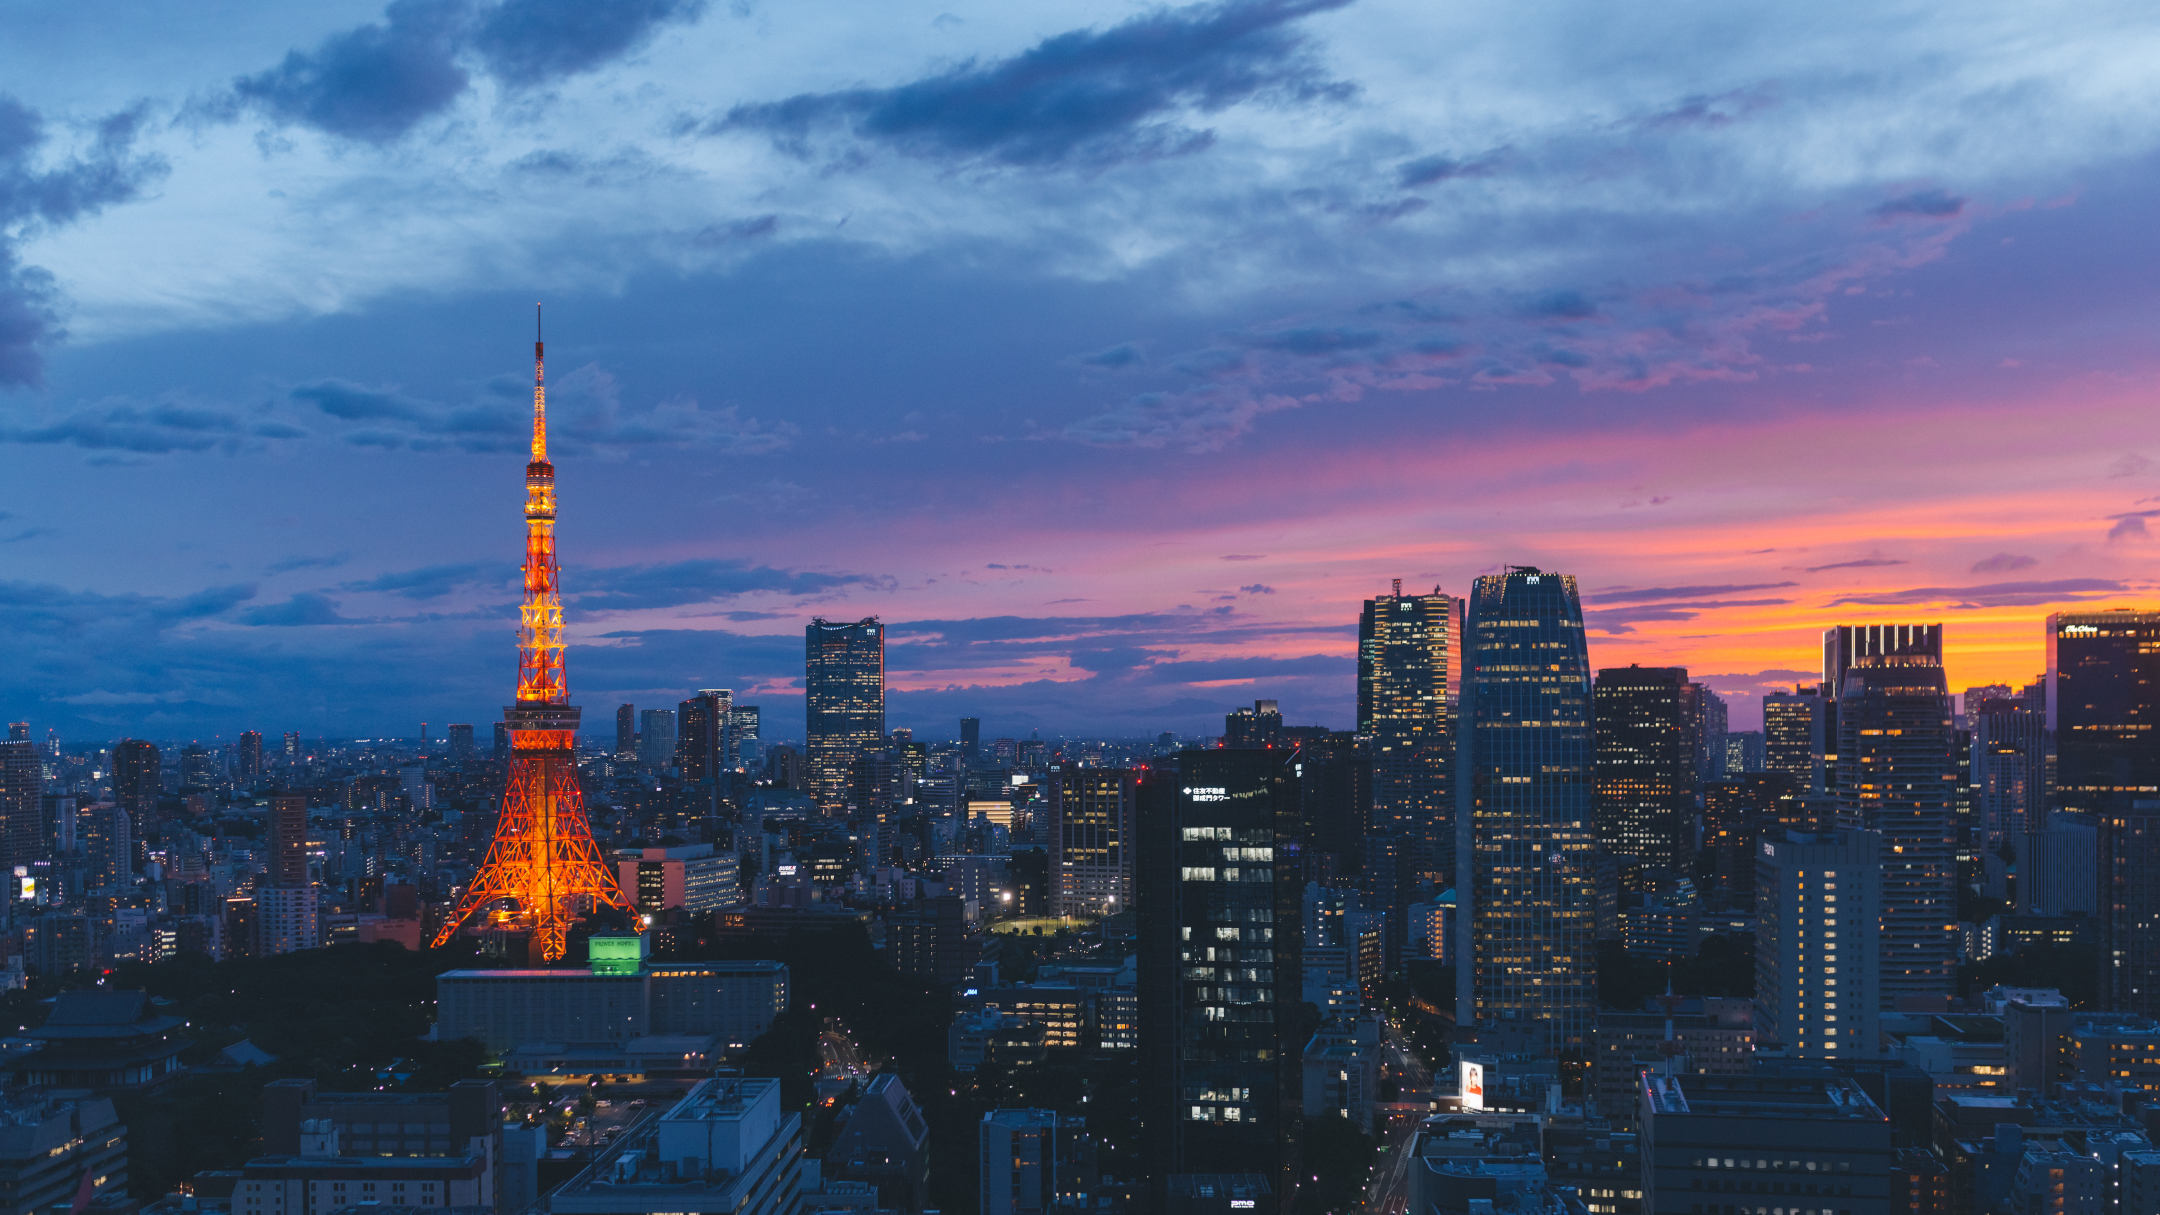 東京タワーを愛する写真家ENOさん直伝!ドラマチックに撮影する秘訣とオススメスポット5選